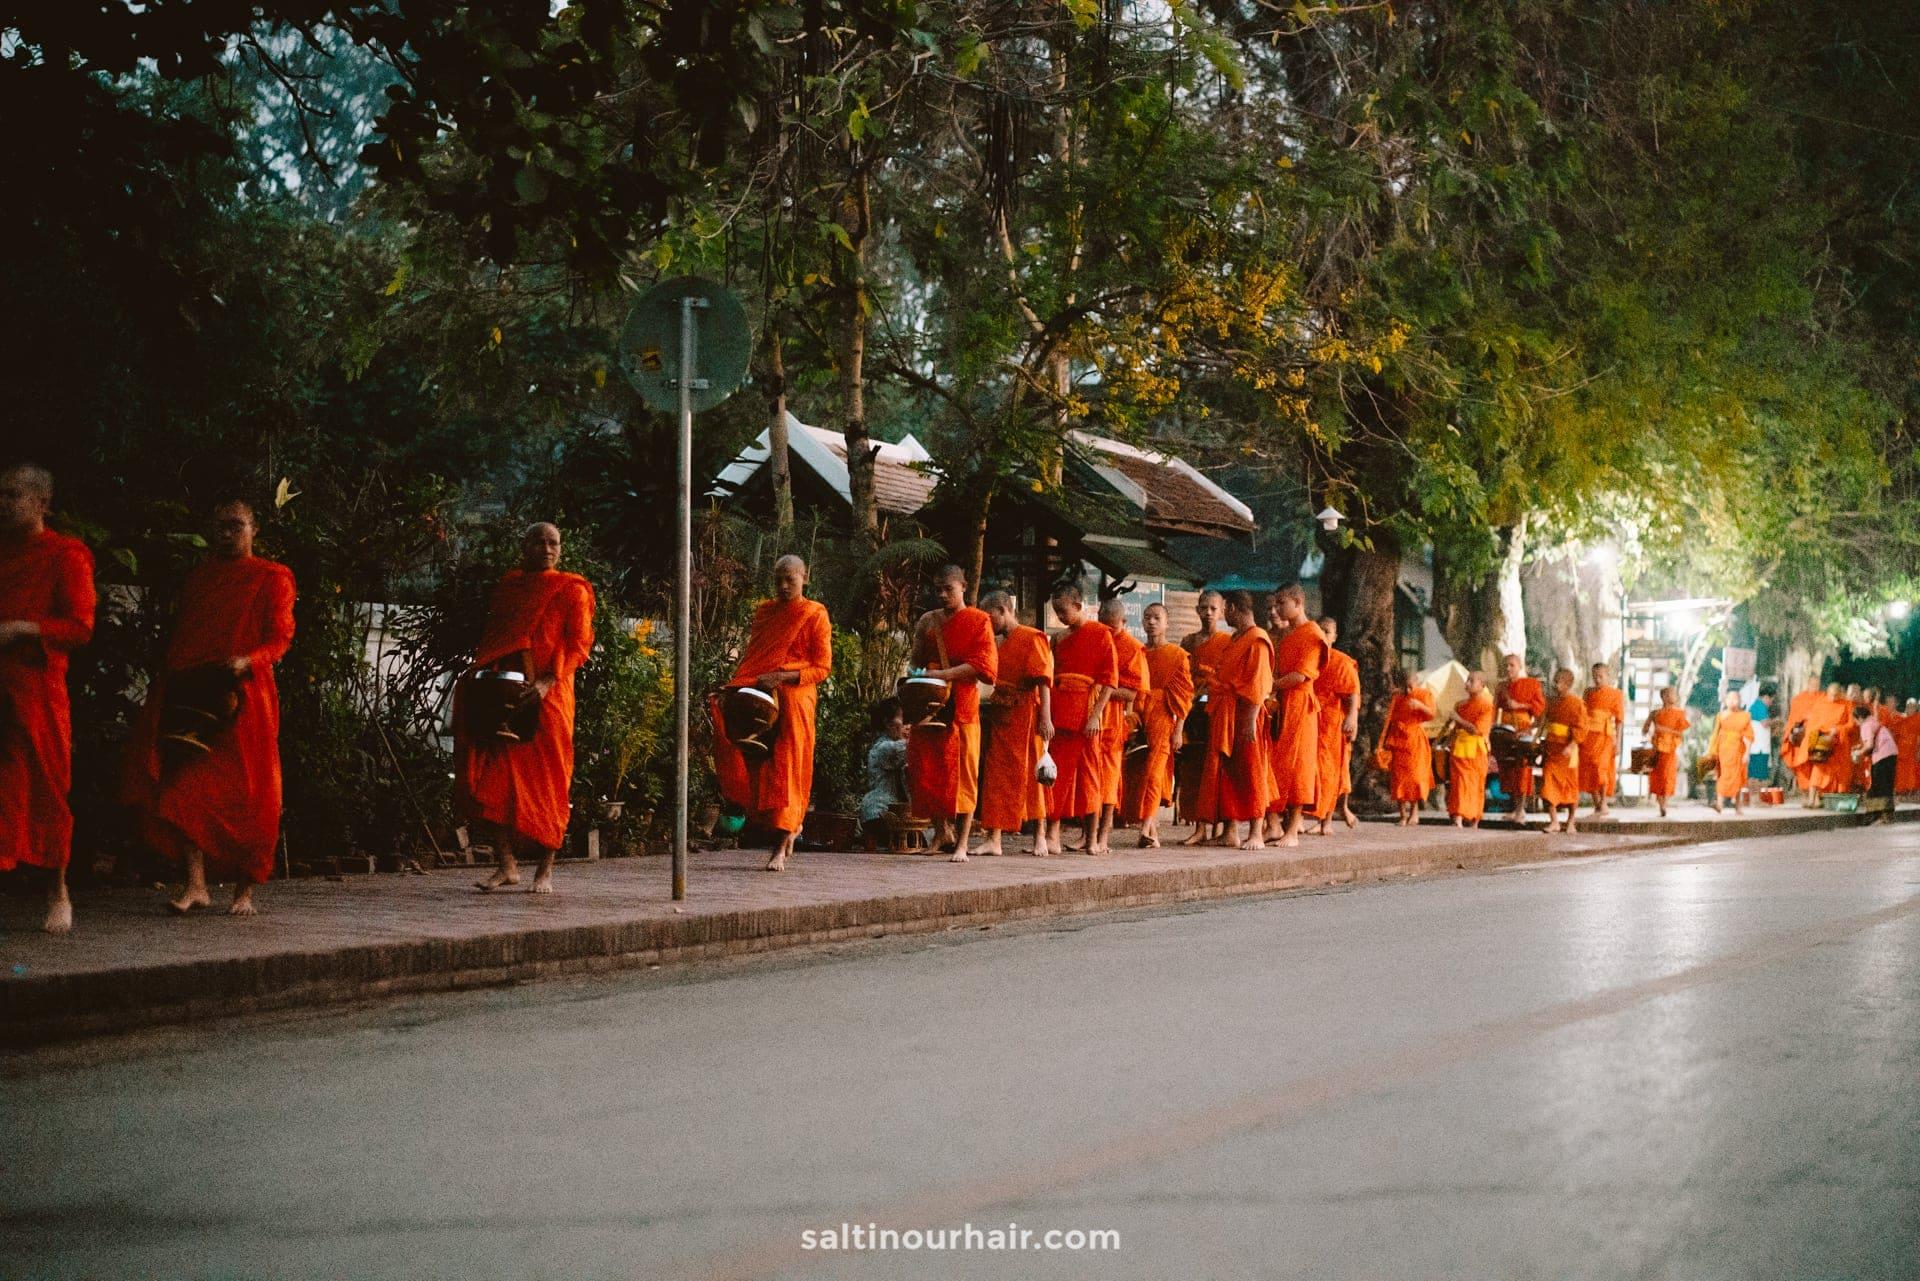 Monks Almsgiving ceremony luang prabang